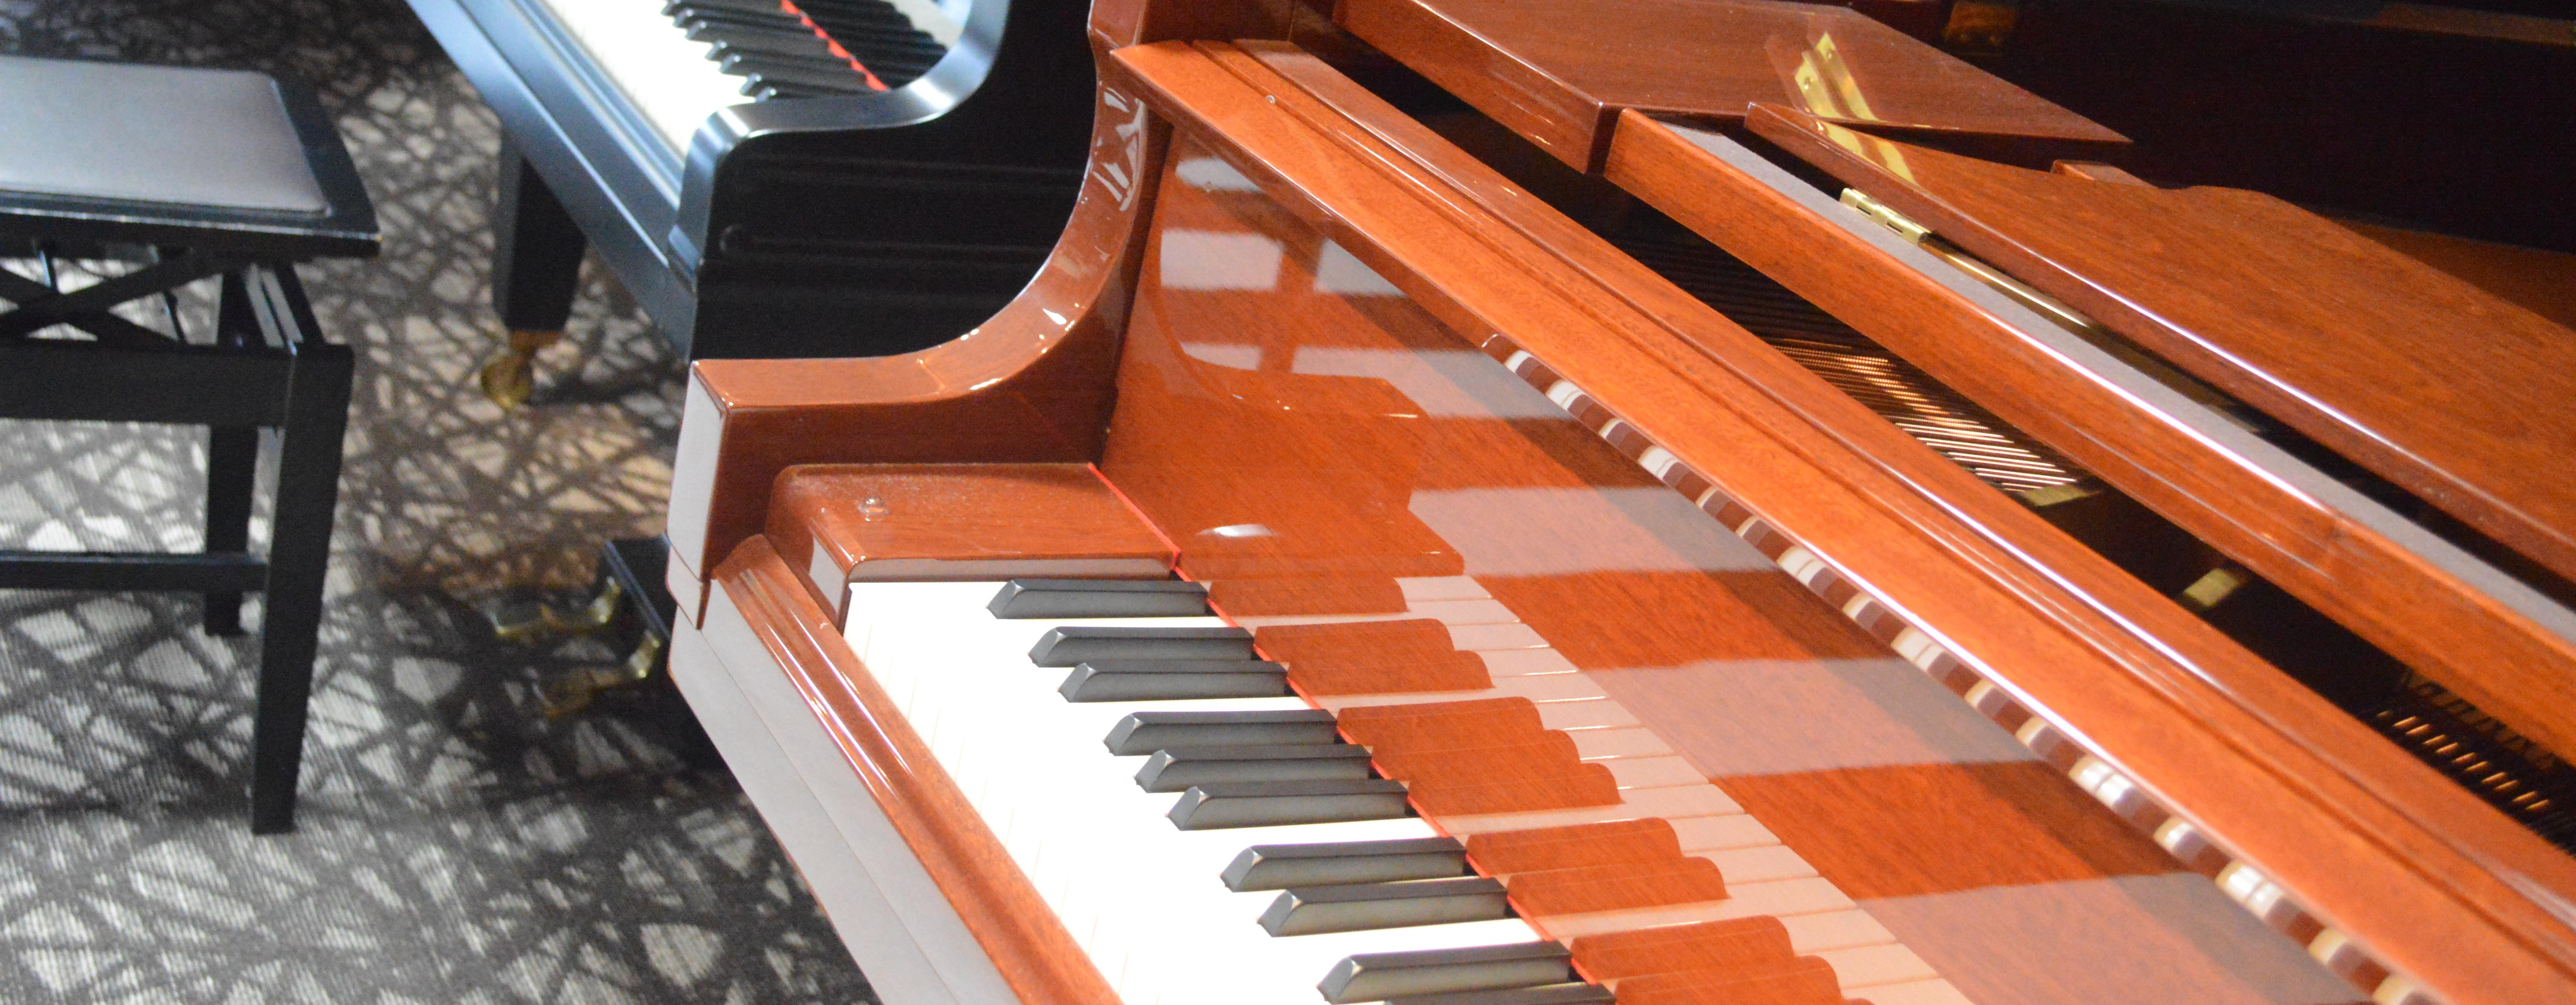 ピアノレンタル・レッスンルーム利用